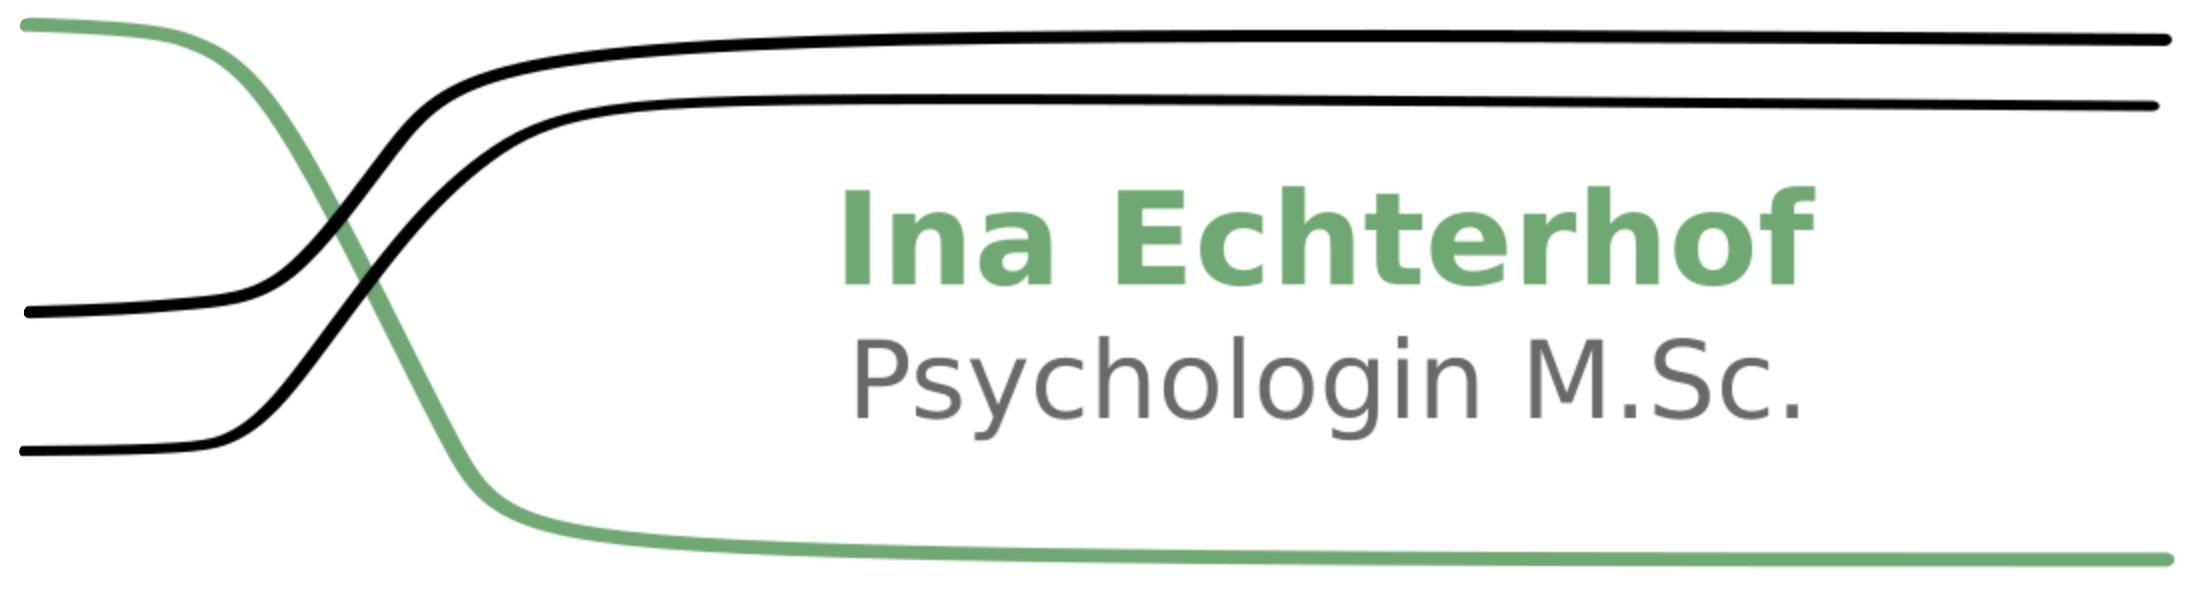 Ina Echterhof